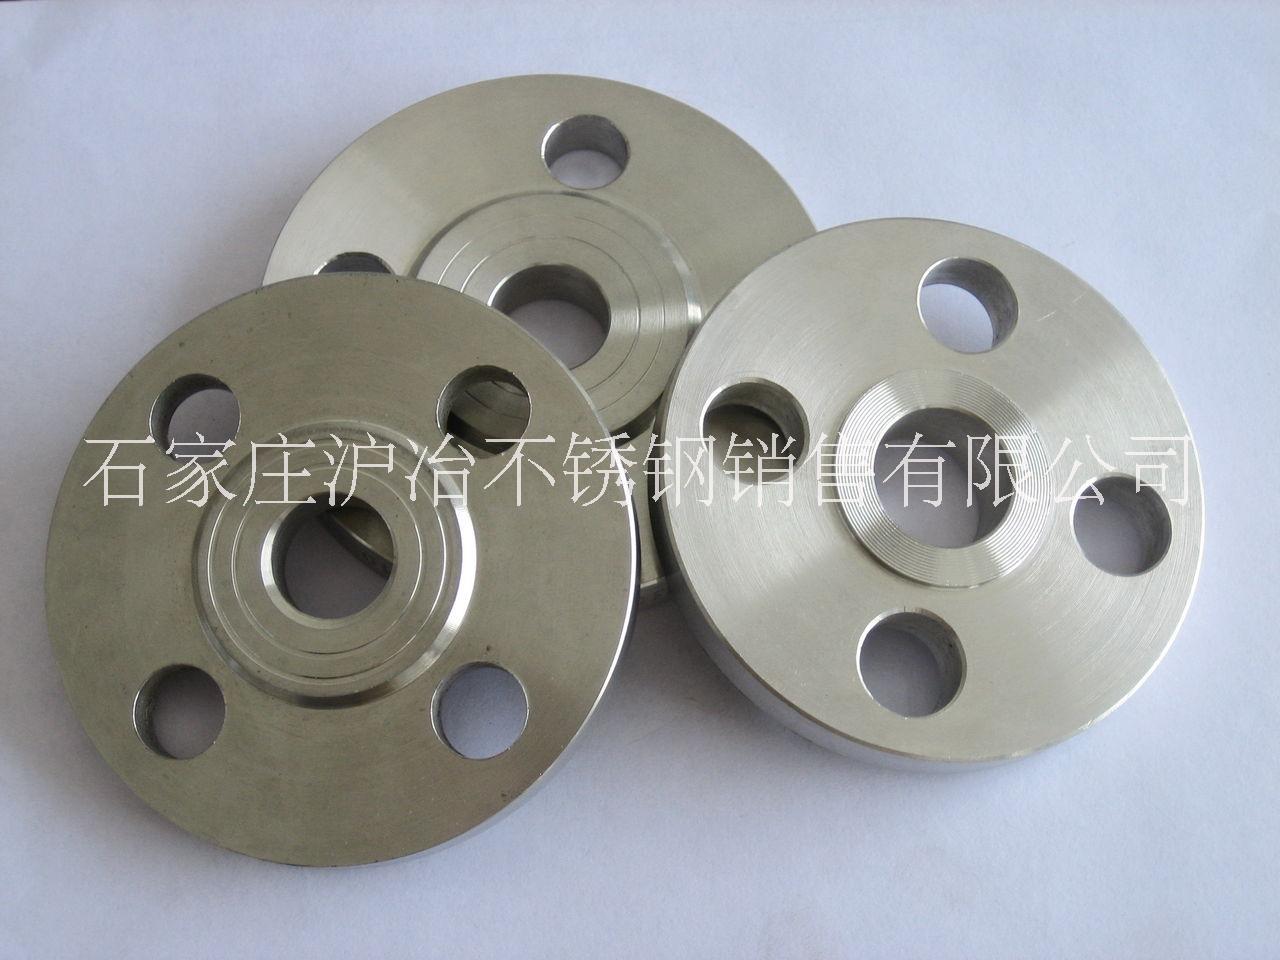 304不锈钢法兰片不锈钢平焊法兰盘PN10焊接法兰DN25 50 65 80 100